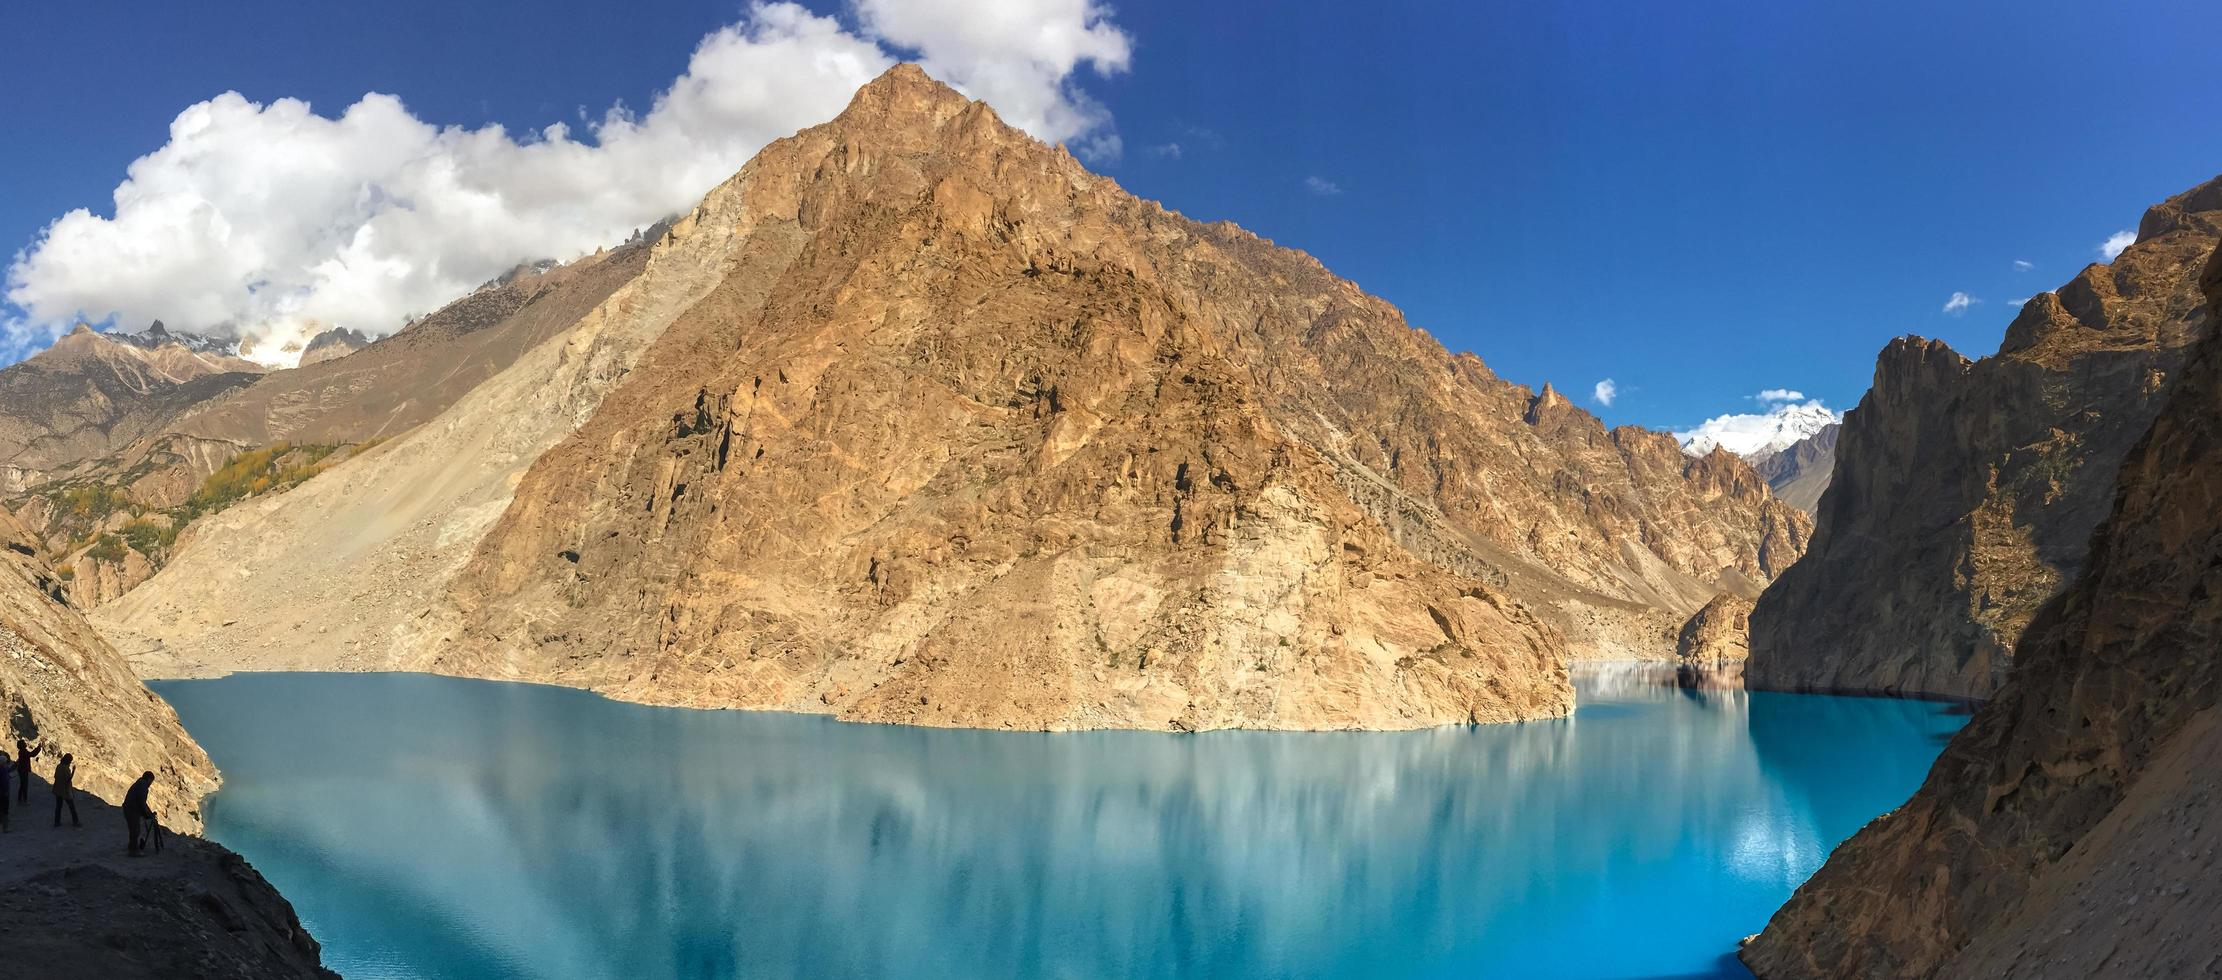 Attabadsjön i Hunza Valley, Pakistan foto